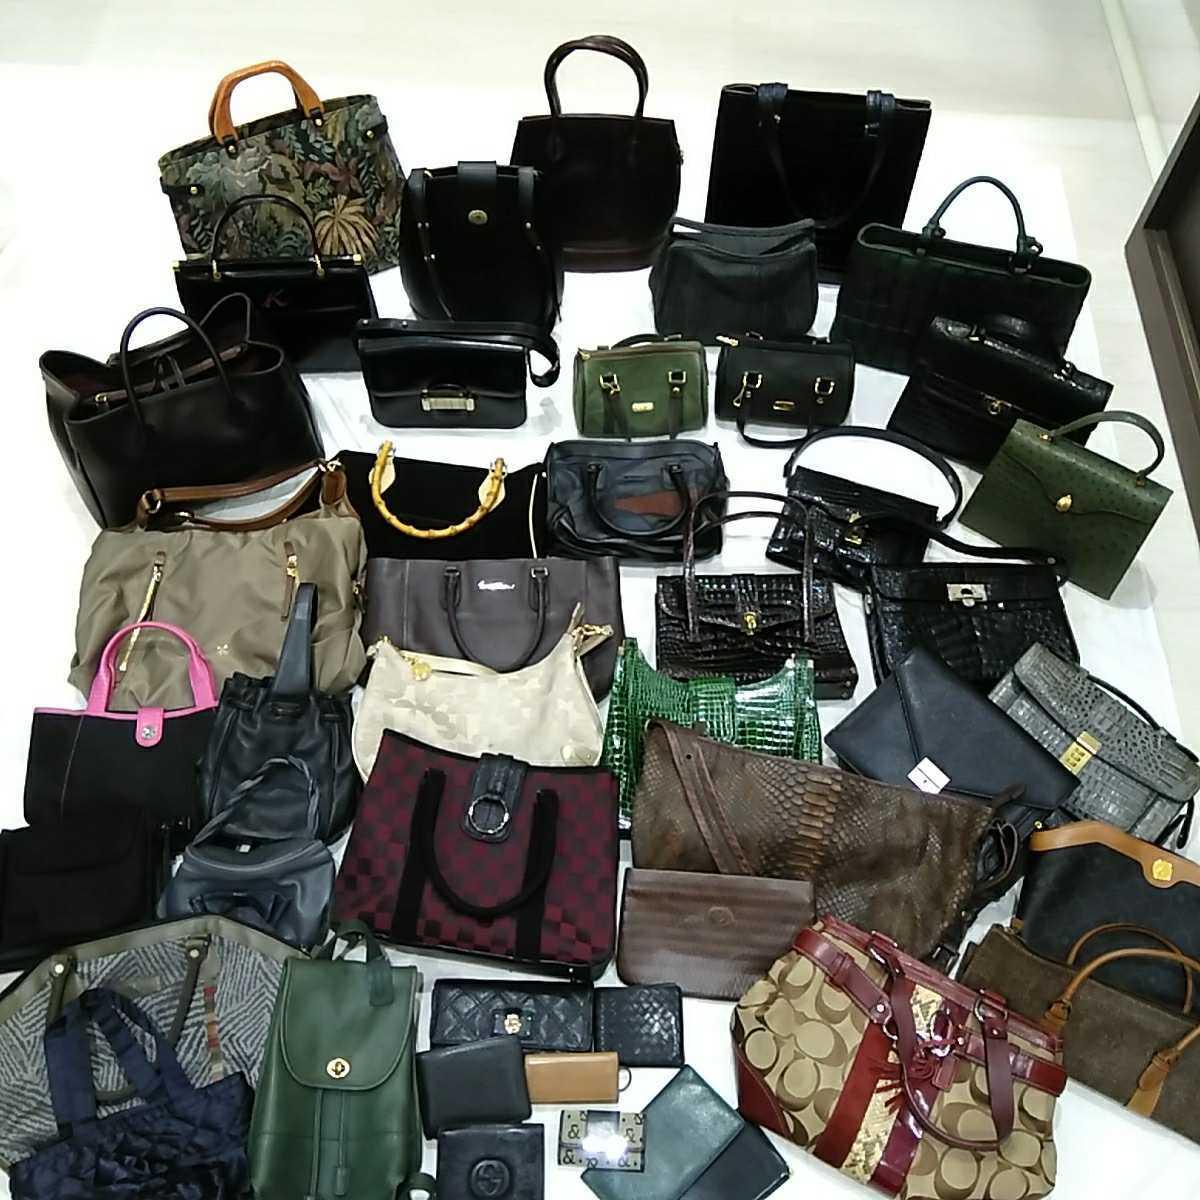 バッグ・財布など 45点 まとめ売り LOUIS VUITTON/GUCCI/COACH レザー ファブリック ハンドバッグ ショルダーバッグ クラッチバッグ